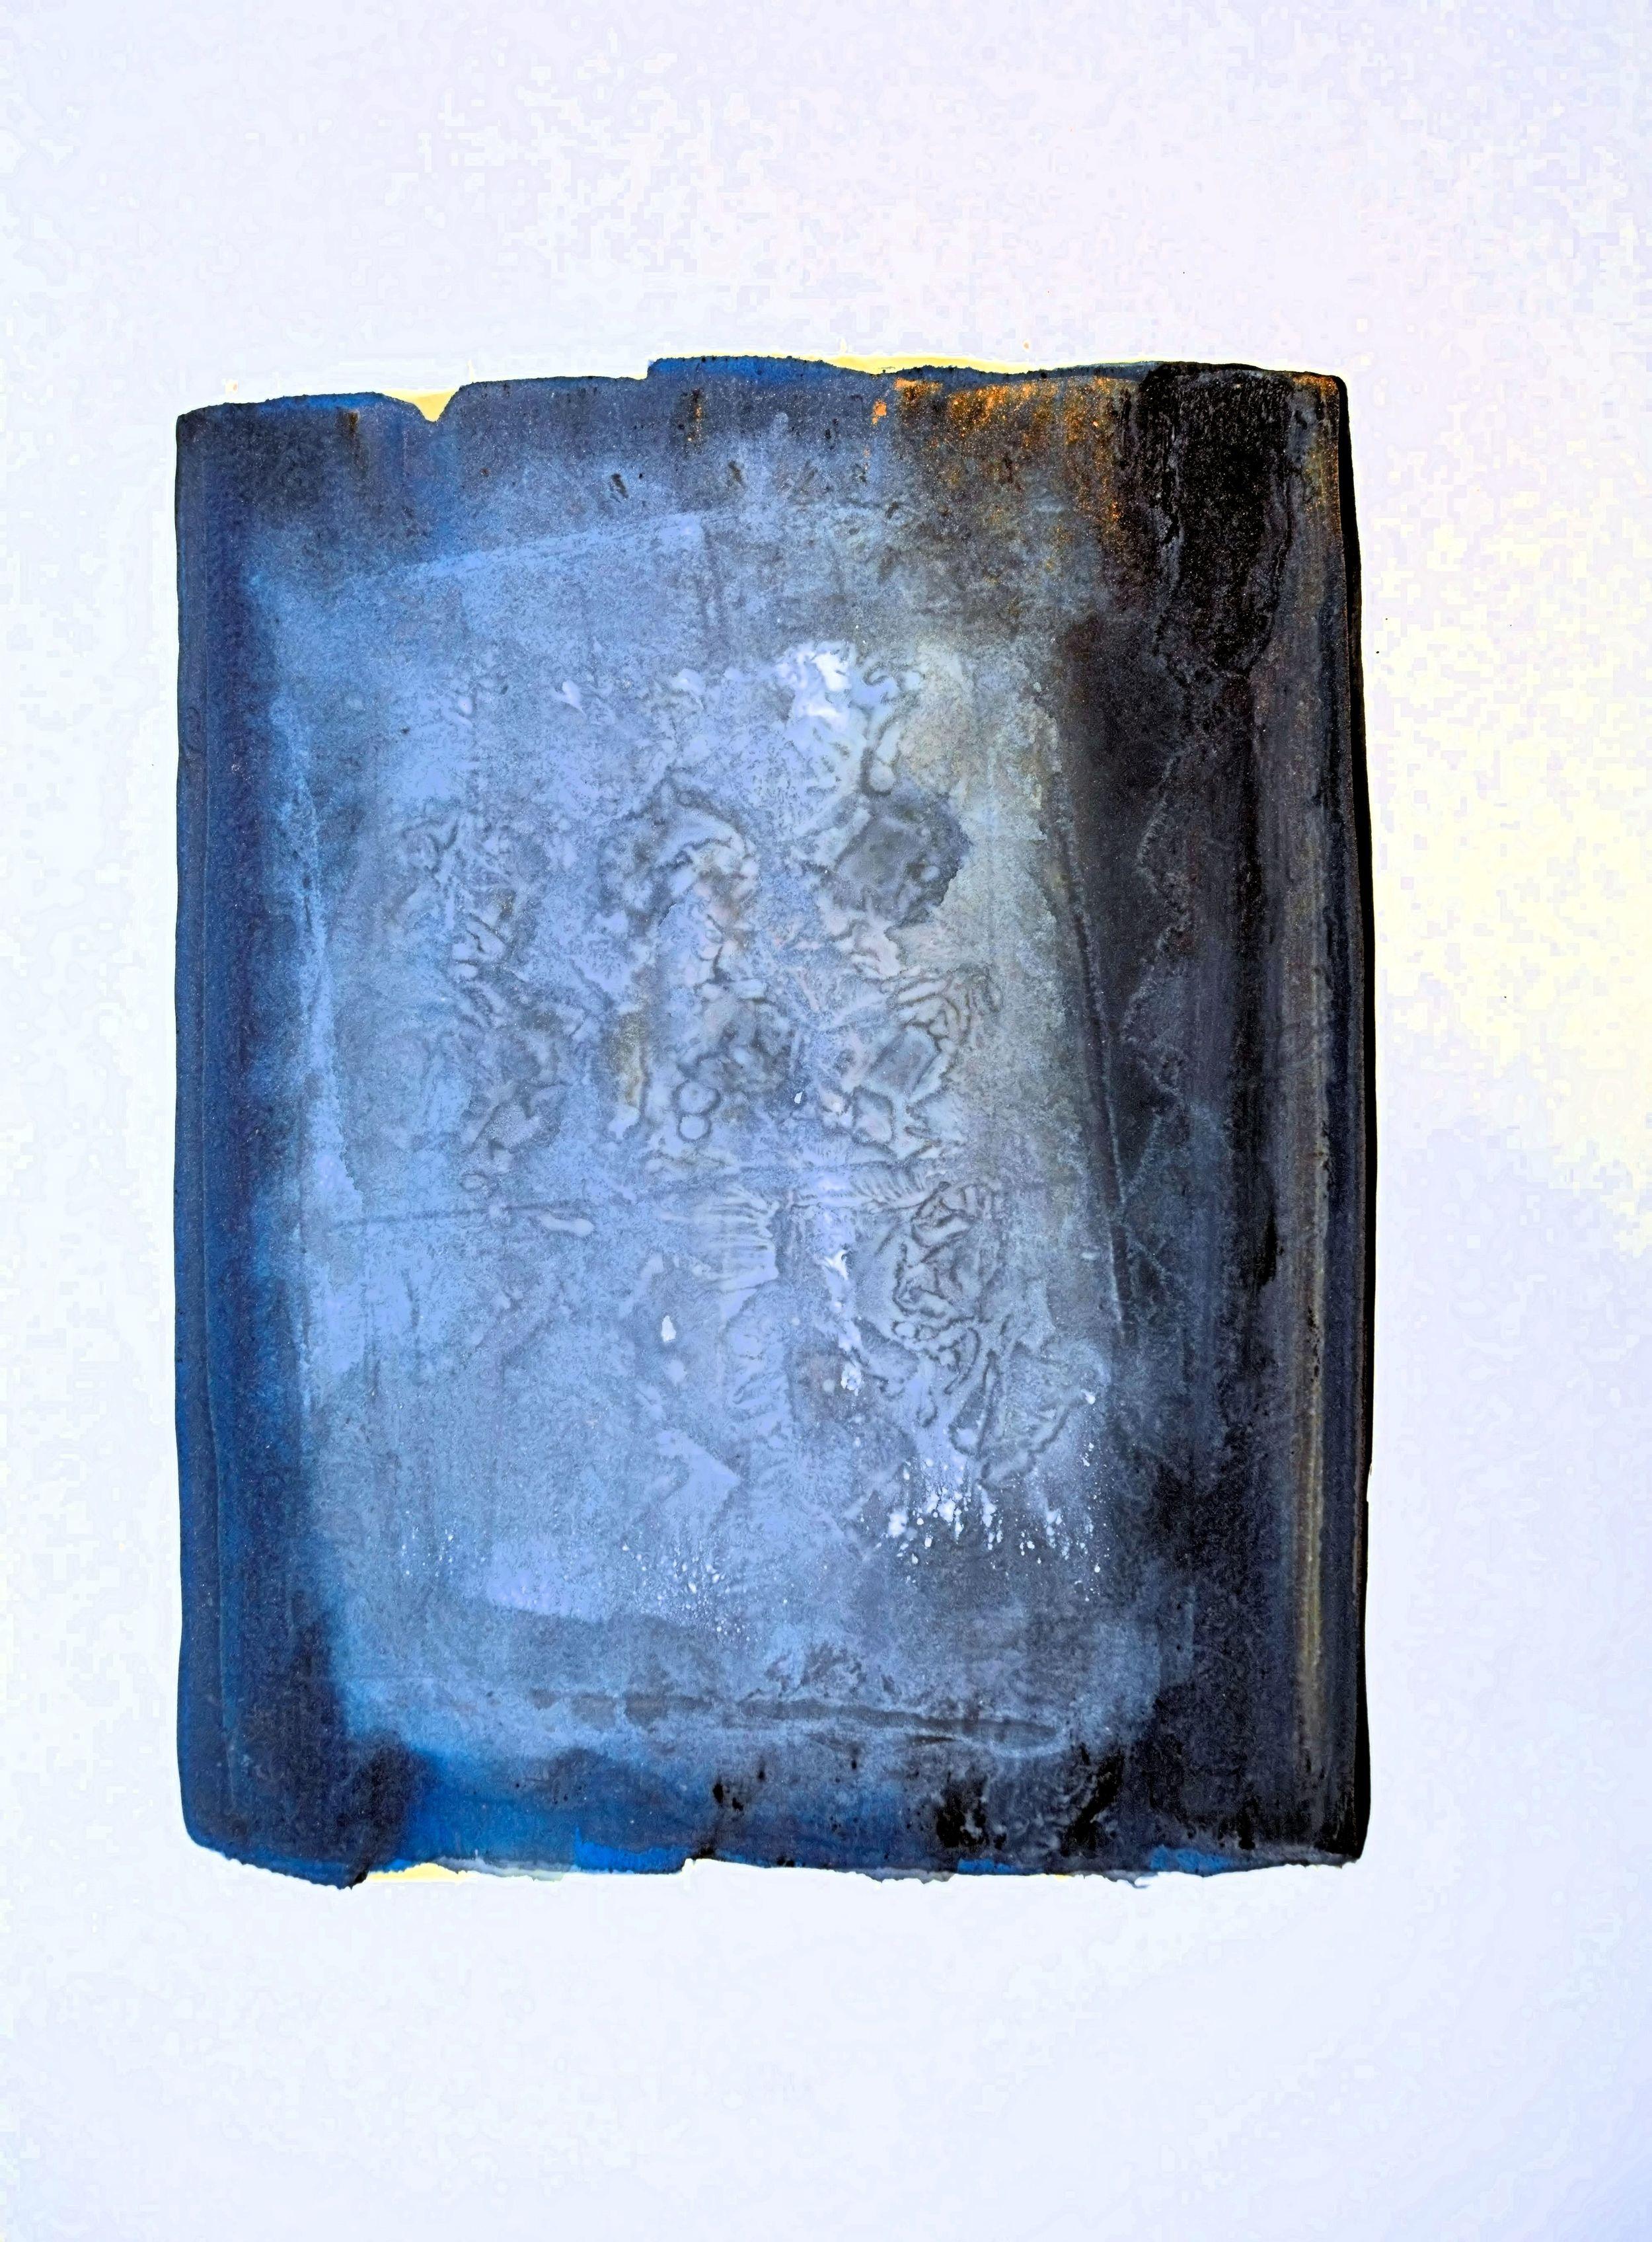 senza titolo, 2000,tempera acrilica su carta Fabriano, cm 76 x 57  untitled,2000, acrylic on Fabriano paper, cm 76 x 57